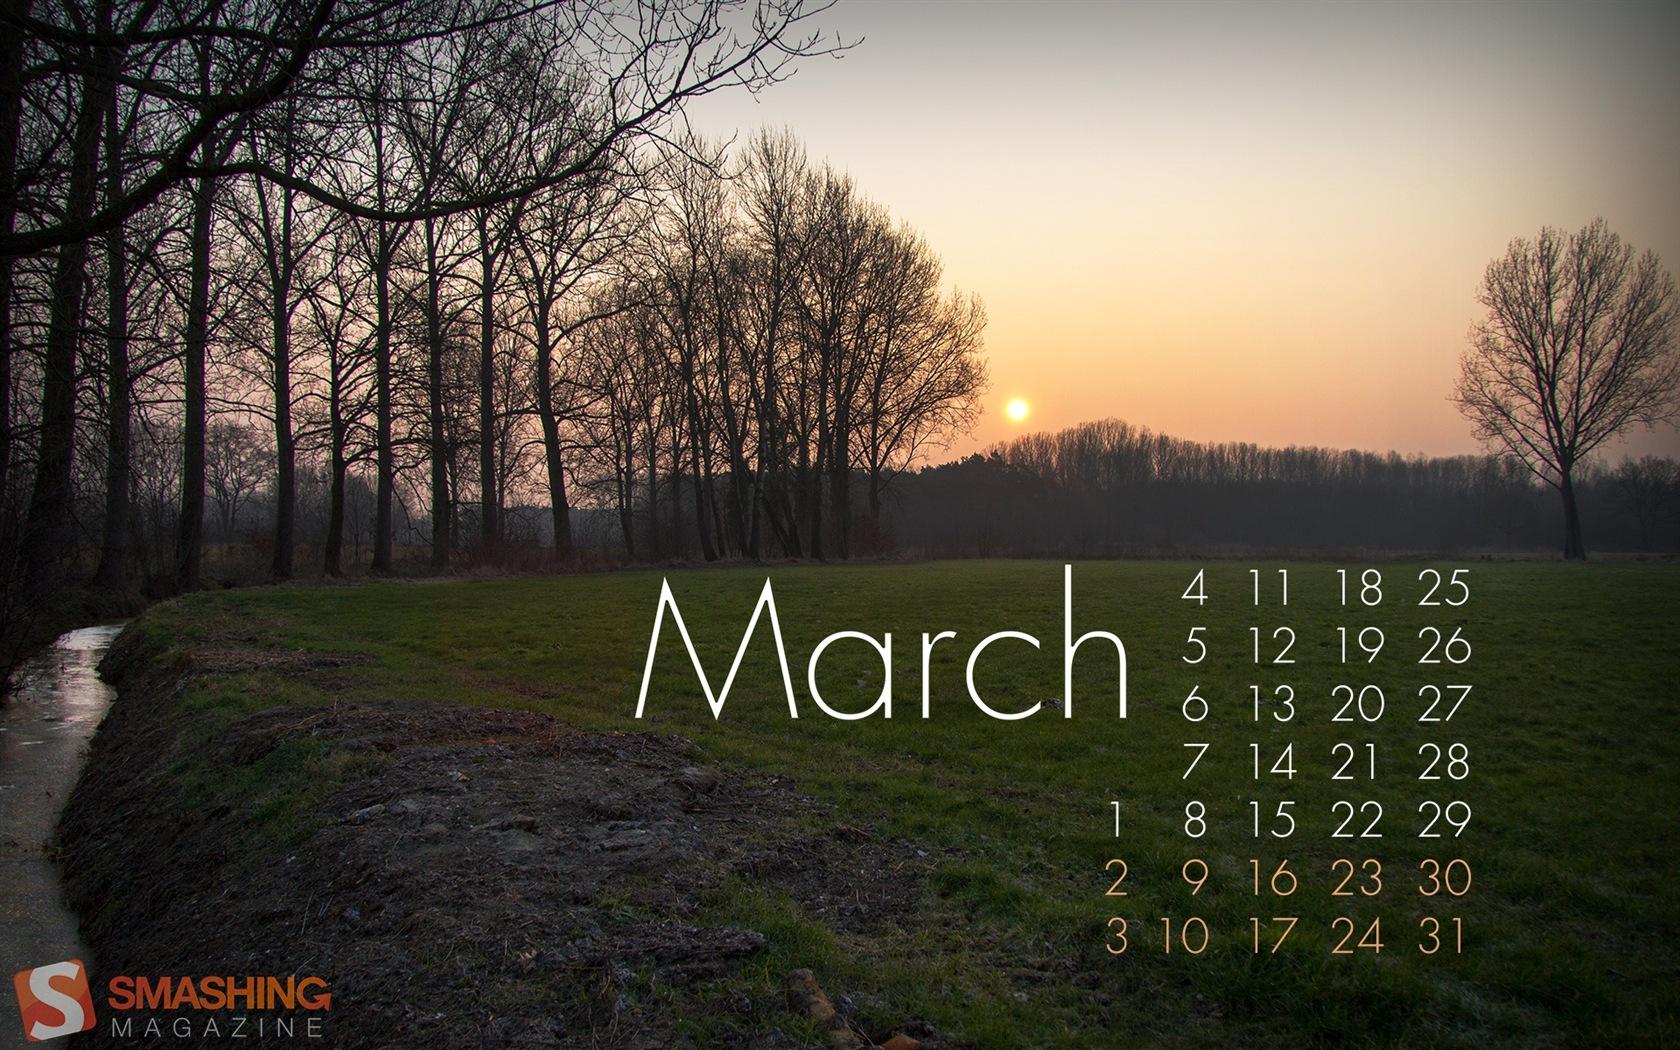 2013年3月カレンダー壁紙(2) #1 ... : 2013年3月カレンダー : カレンダー